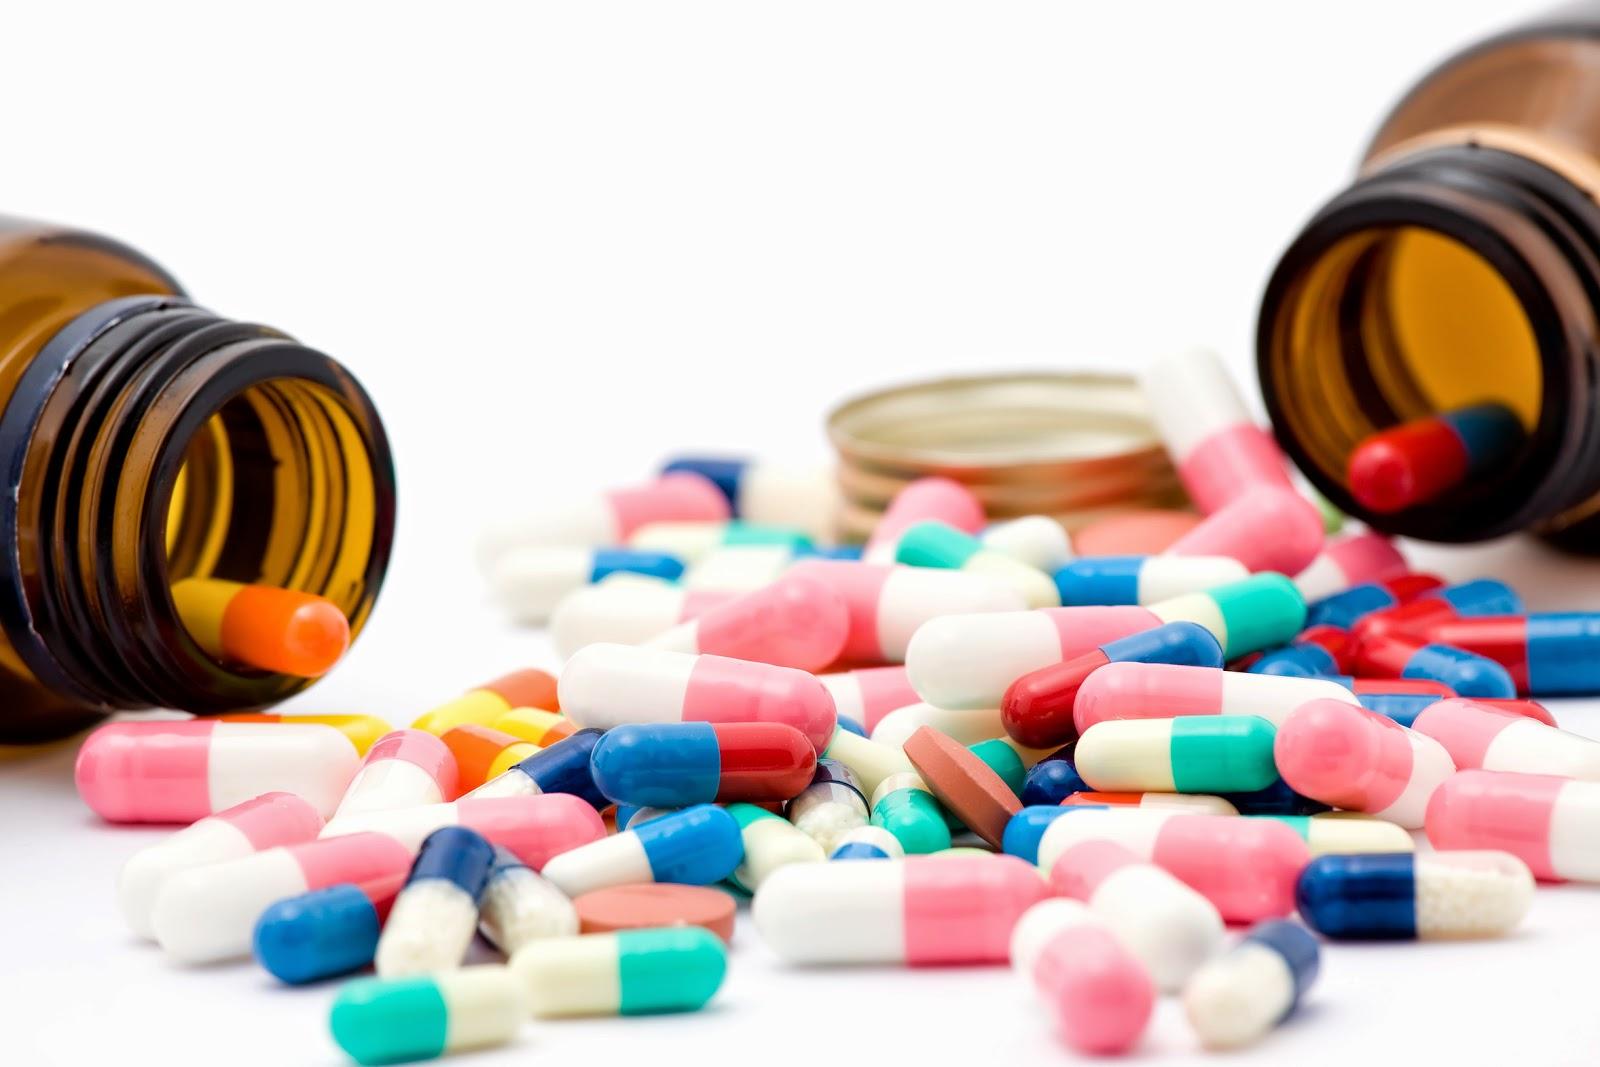 ilaçlar ve kutuları